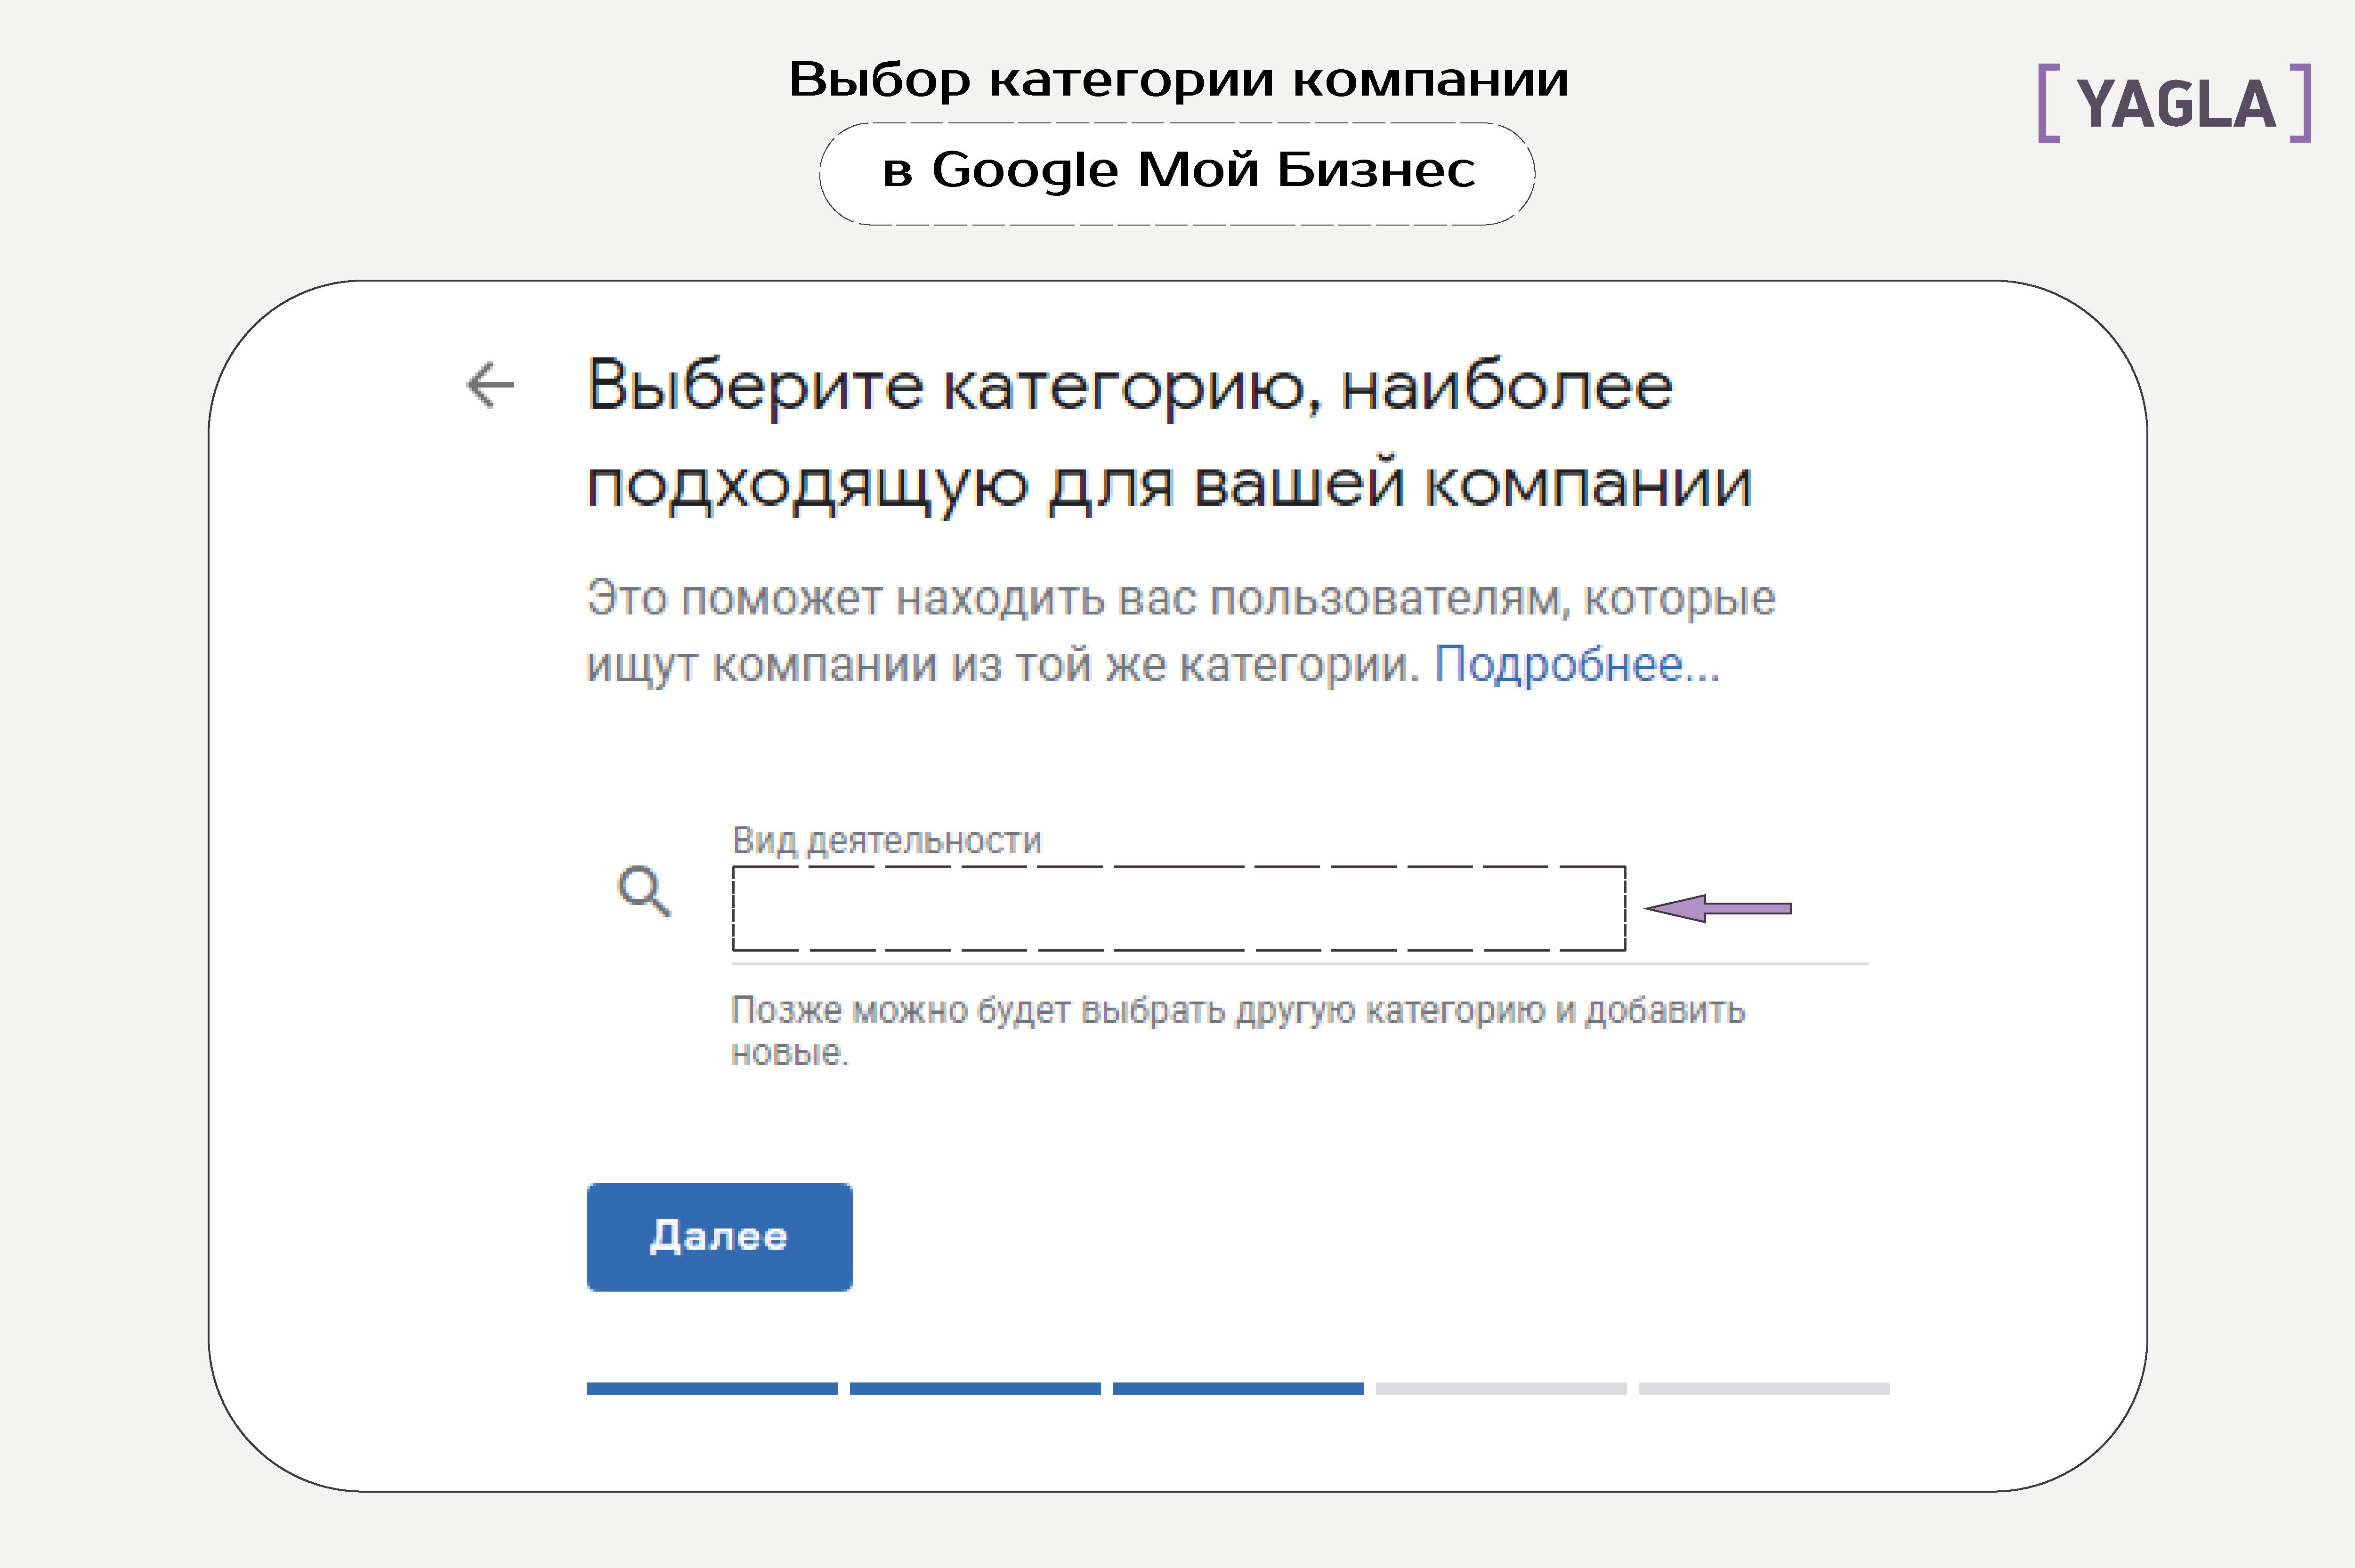 Выбор категории компании в Google Мой Бизнес